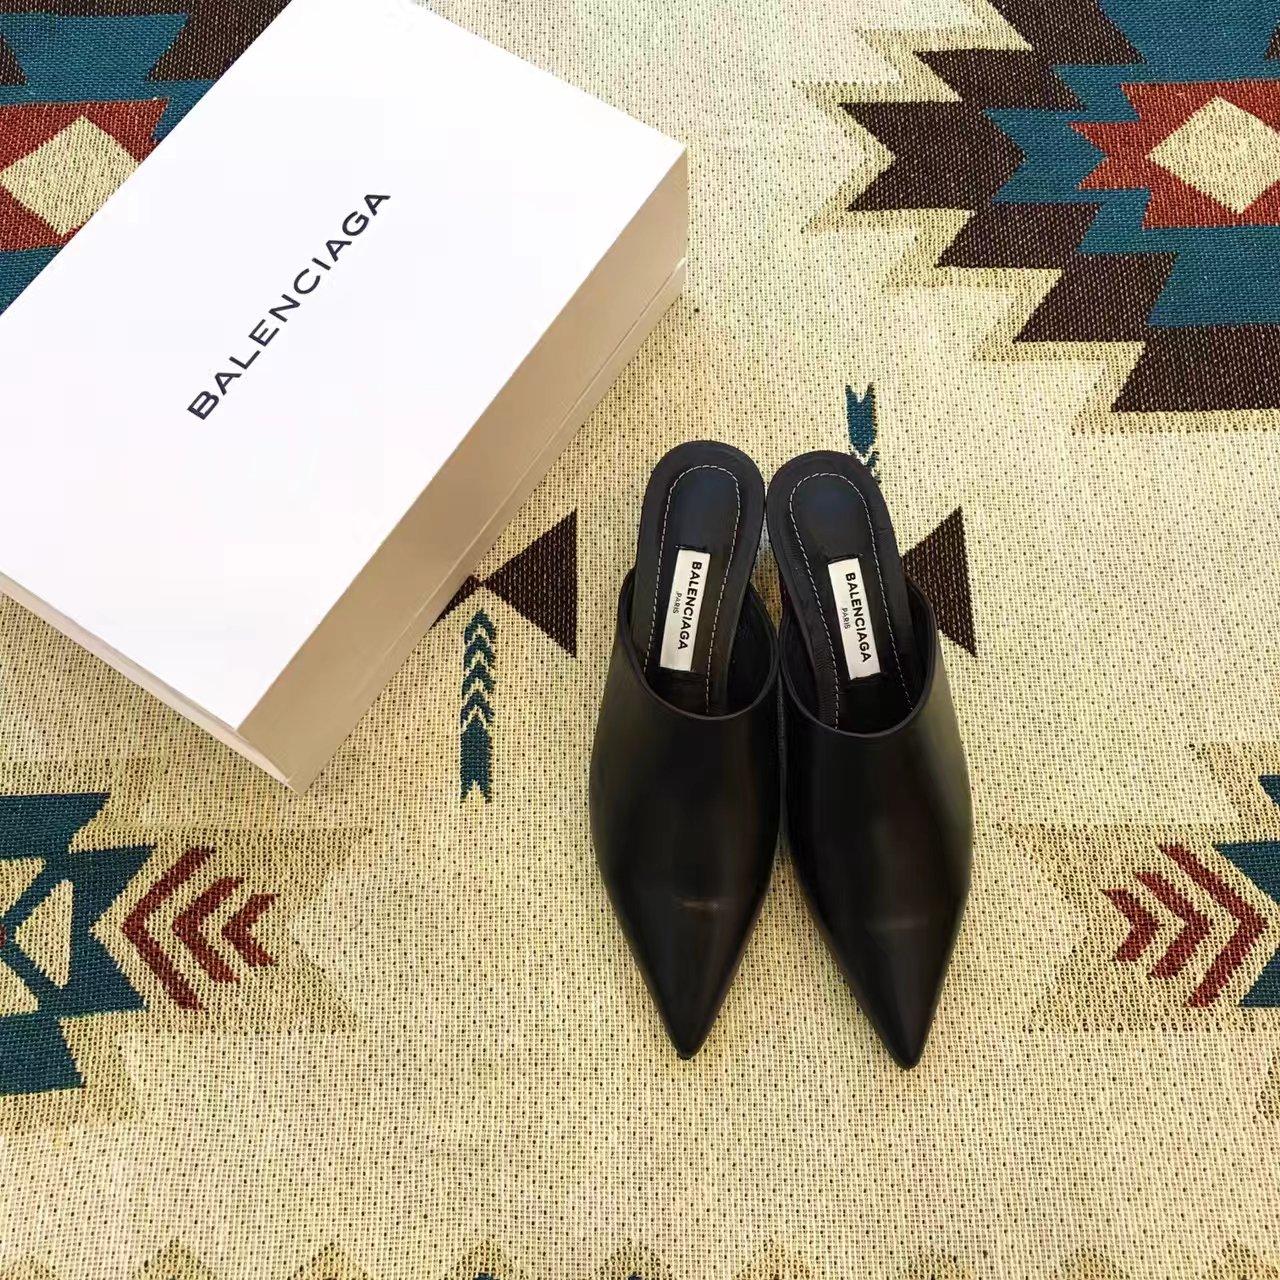 巴黎世家新款拖鞋_蓝海全智贤巴黎世家拖鞋